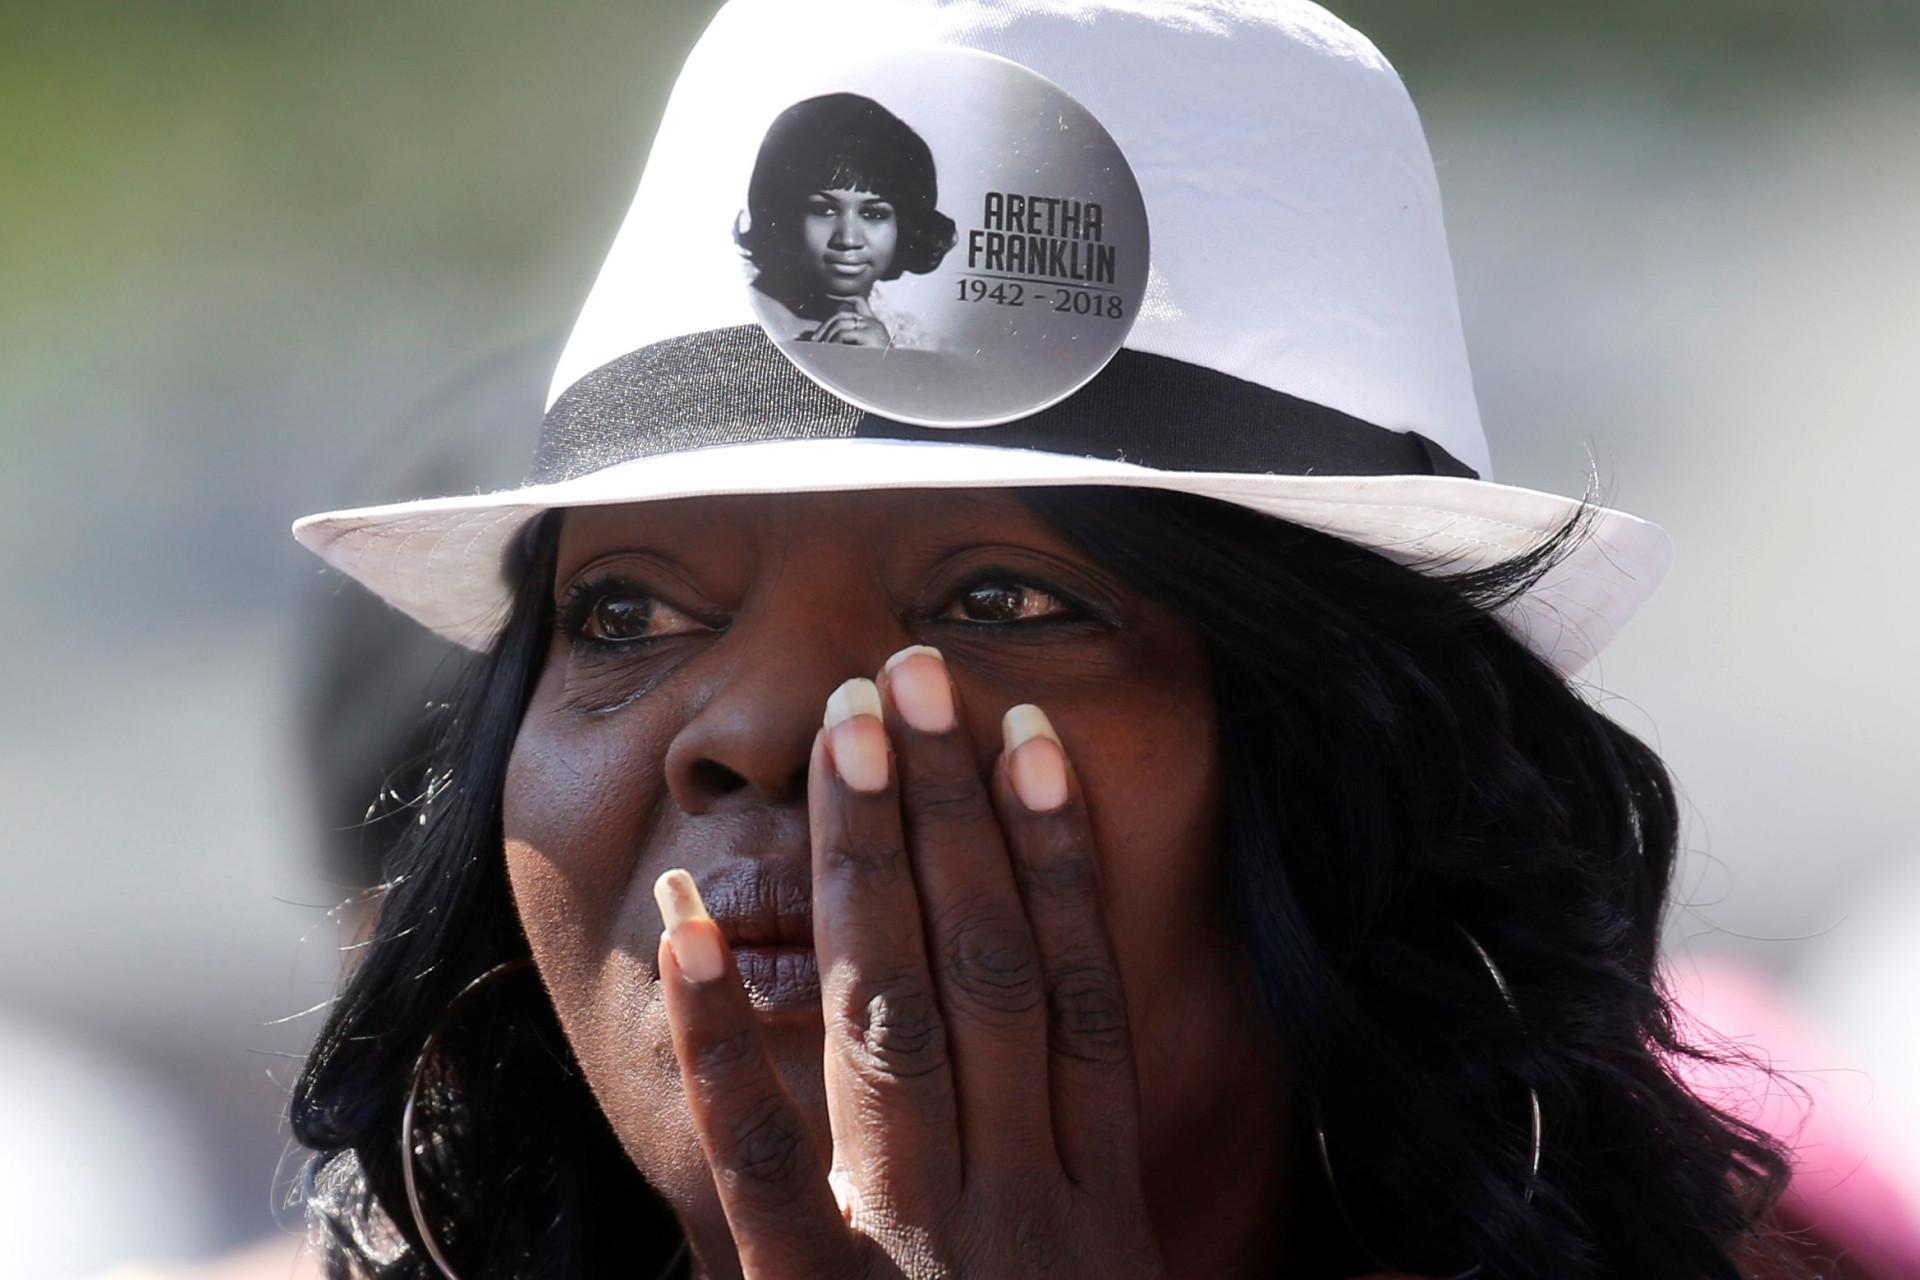 'A voz do século' foi 'uma mulher negra no mundo do homem branco'